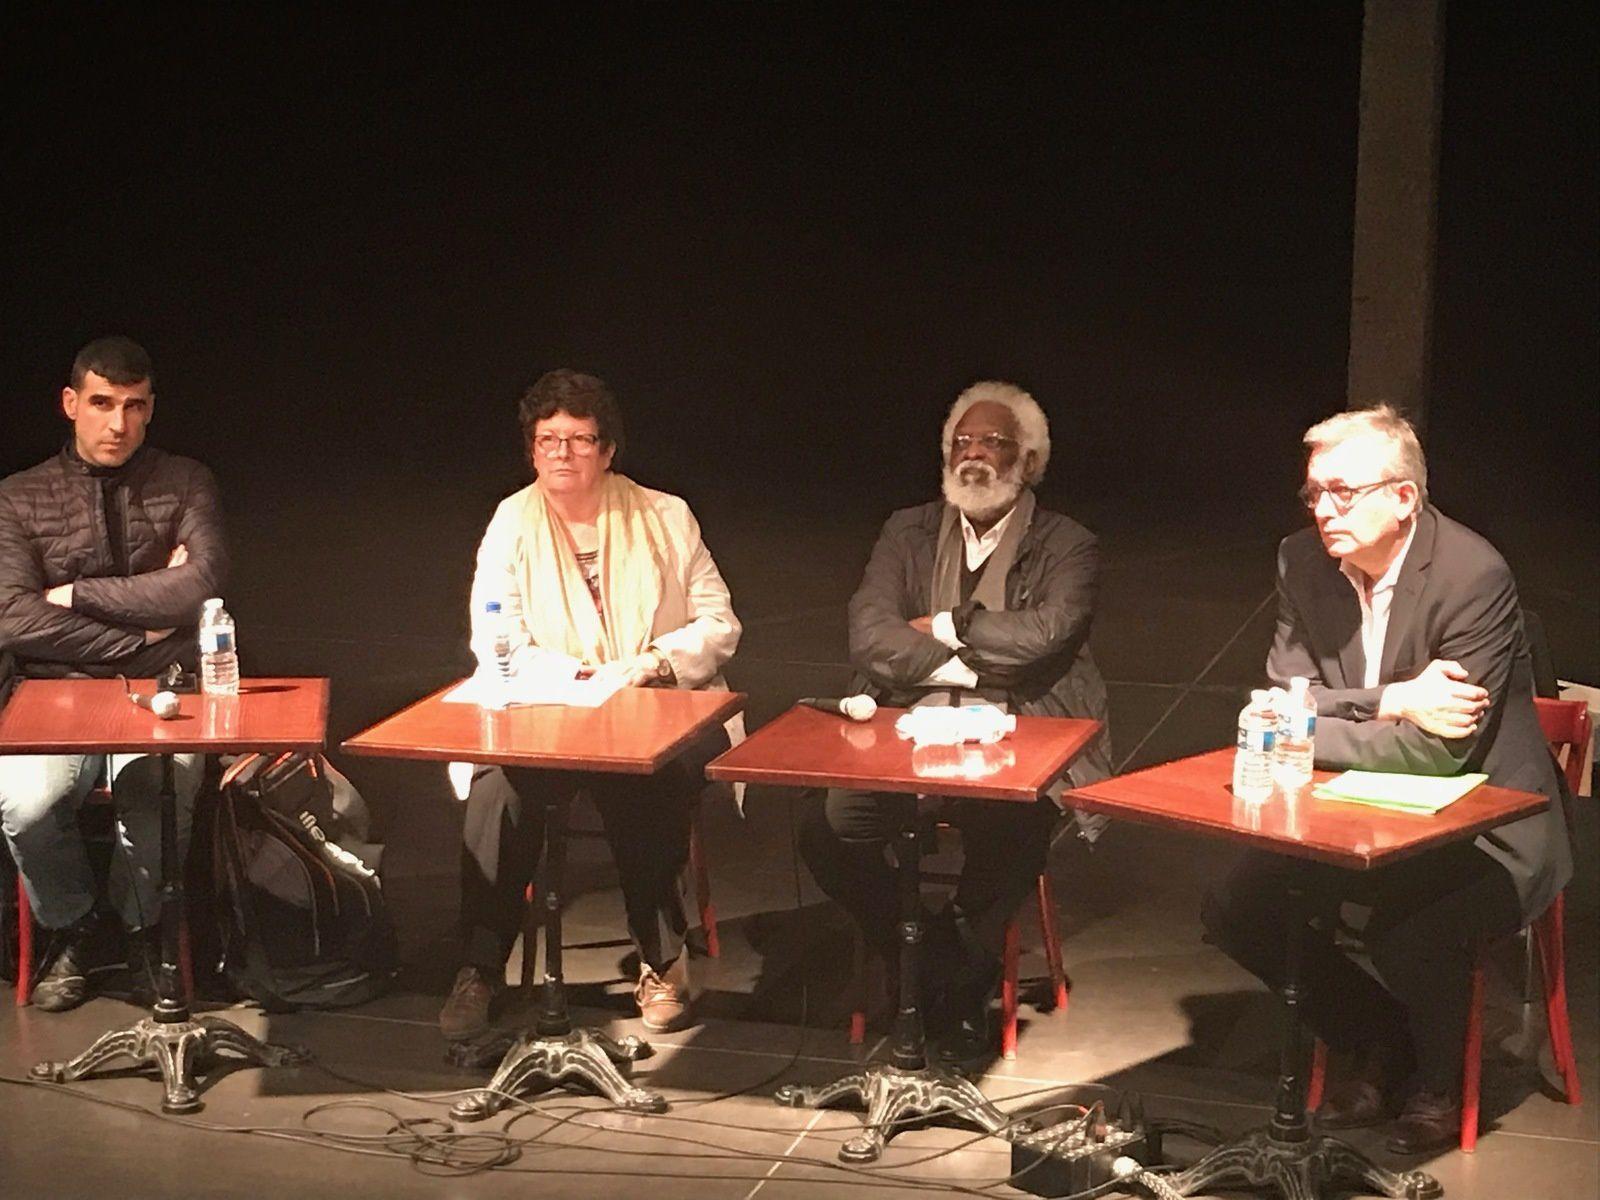 Bruxelles: le FRUD dénonce la politique de la terre brûlée d'Ismaël Oumar GUELLEH à Djibouti